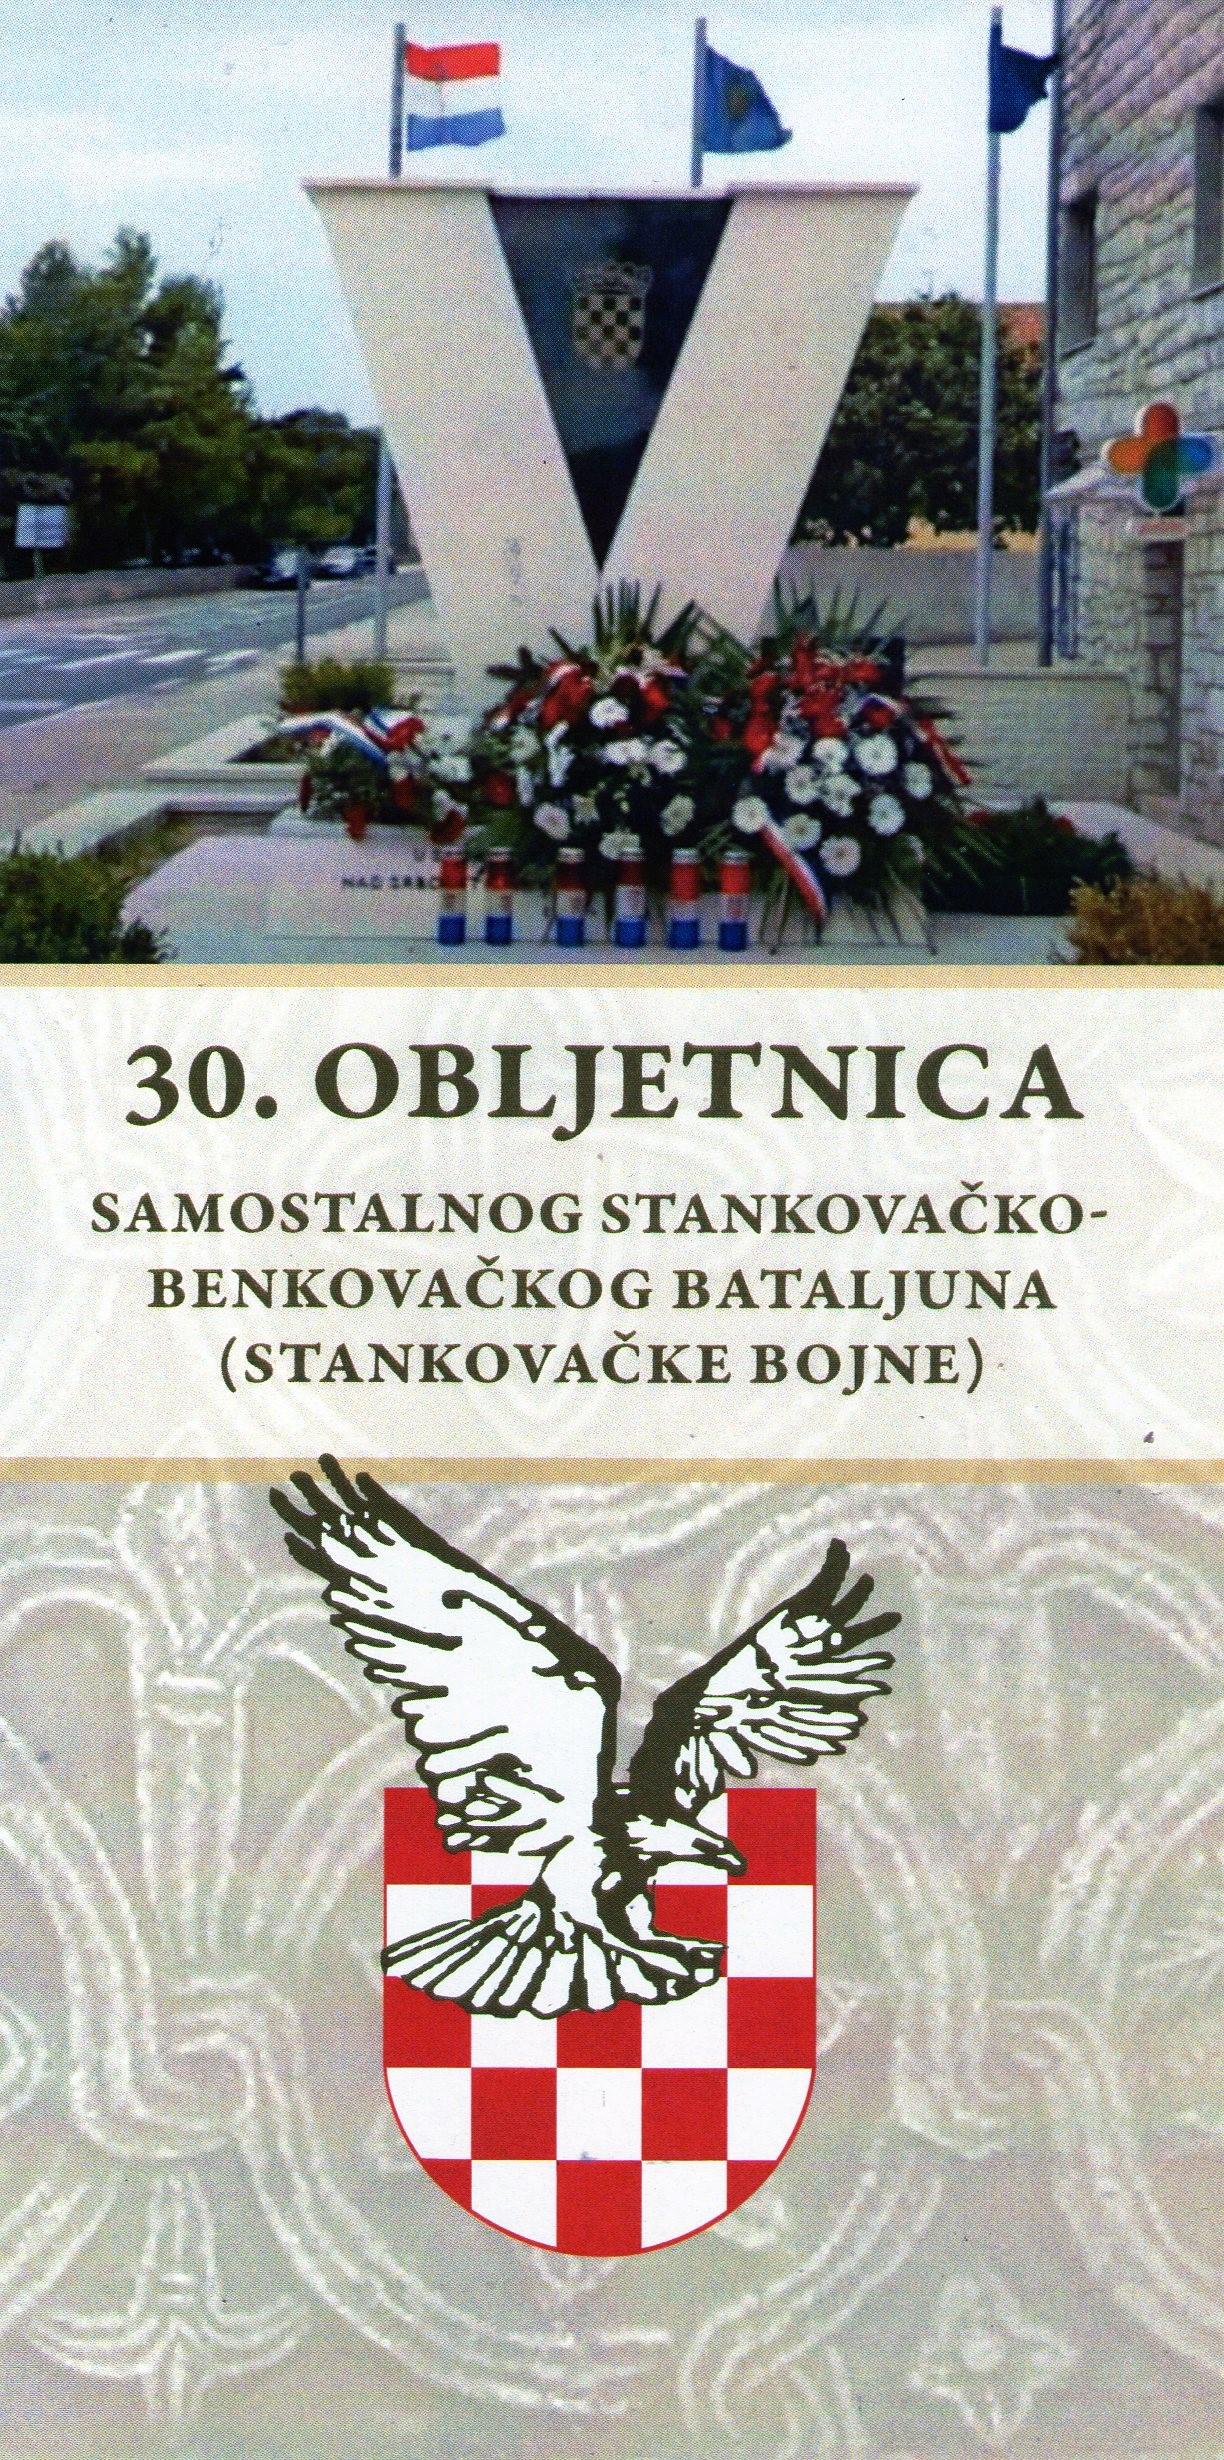 STANKOVA-KA-BOJNA-5